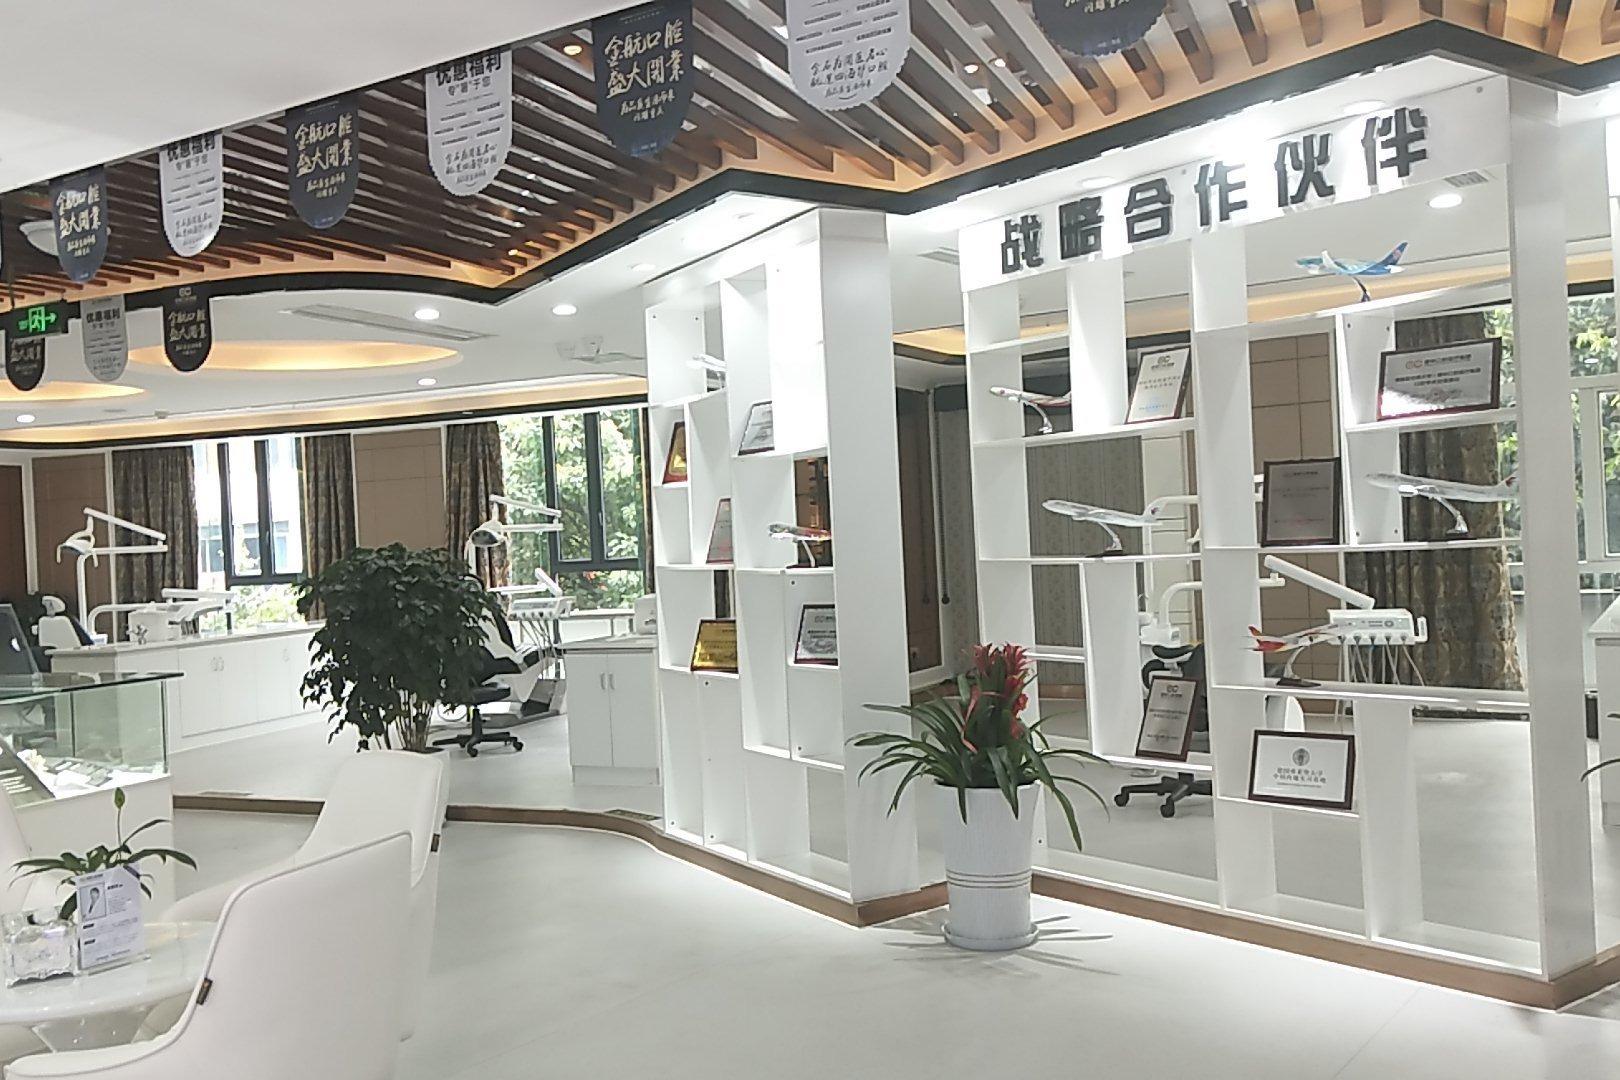 重庆金航口腔医院展示区